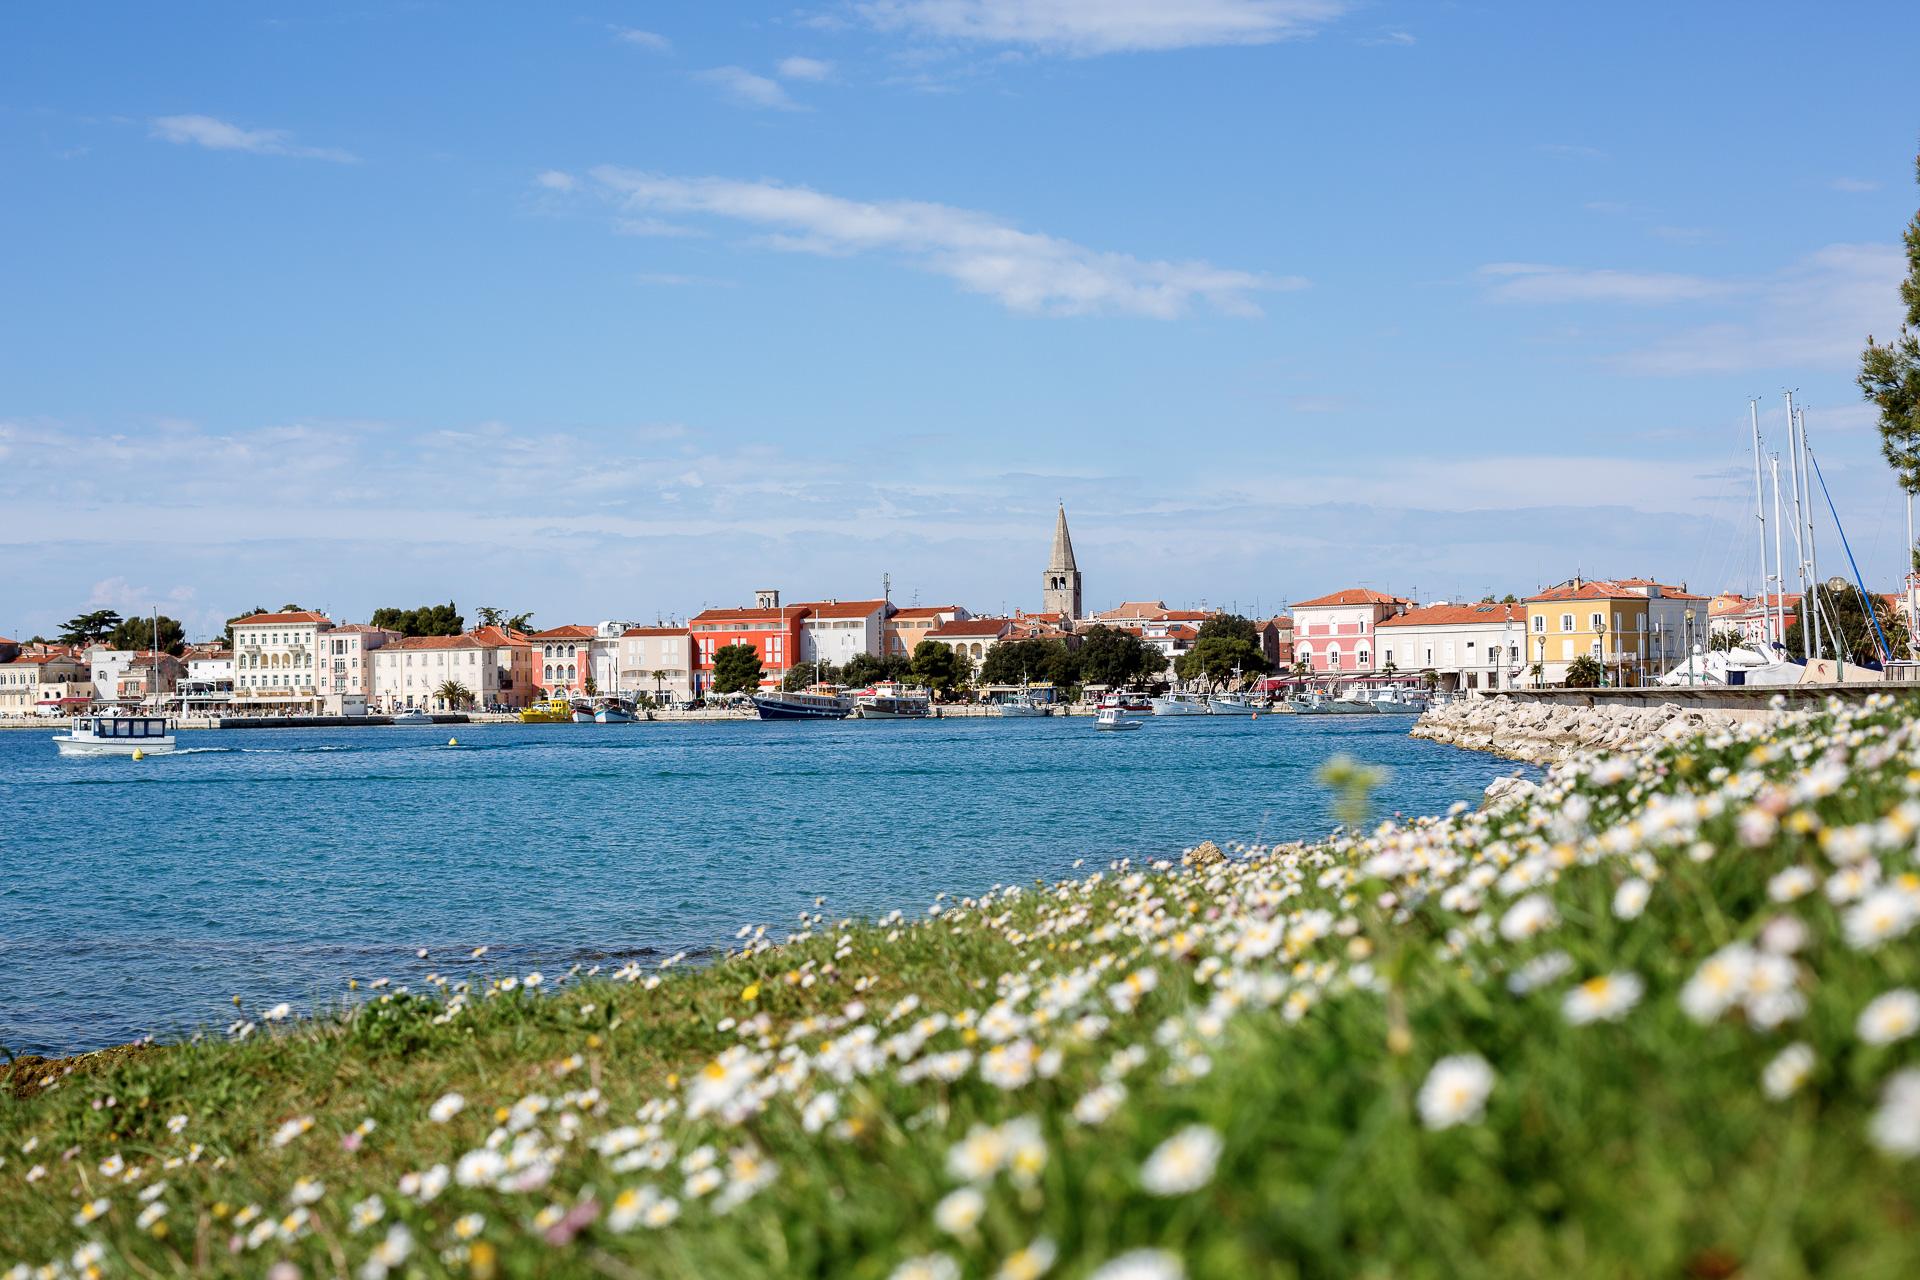 In Kroatien gehen wir auf Streifzug in den malerischen Städte an der Adriaküste. Es erwarten dich Fotomotive mit mediterranem Flair.